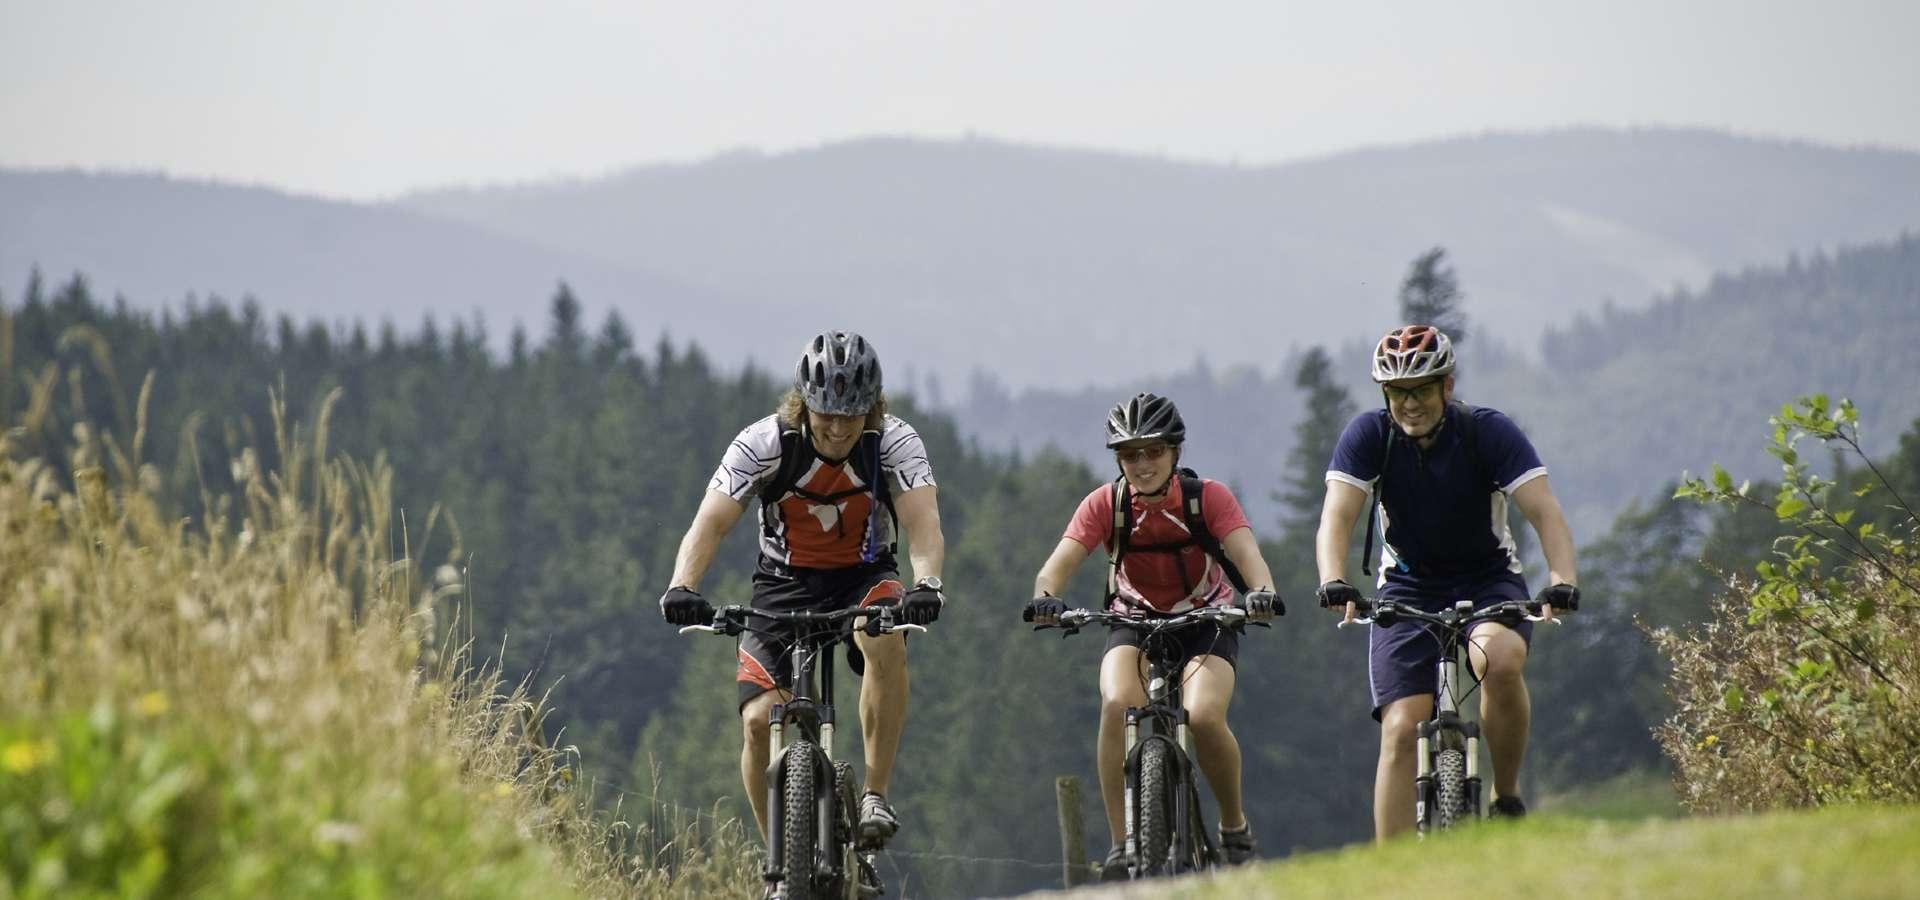 Schwäbischer Wald Mountainbike Tour 1 - Siebenknie